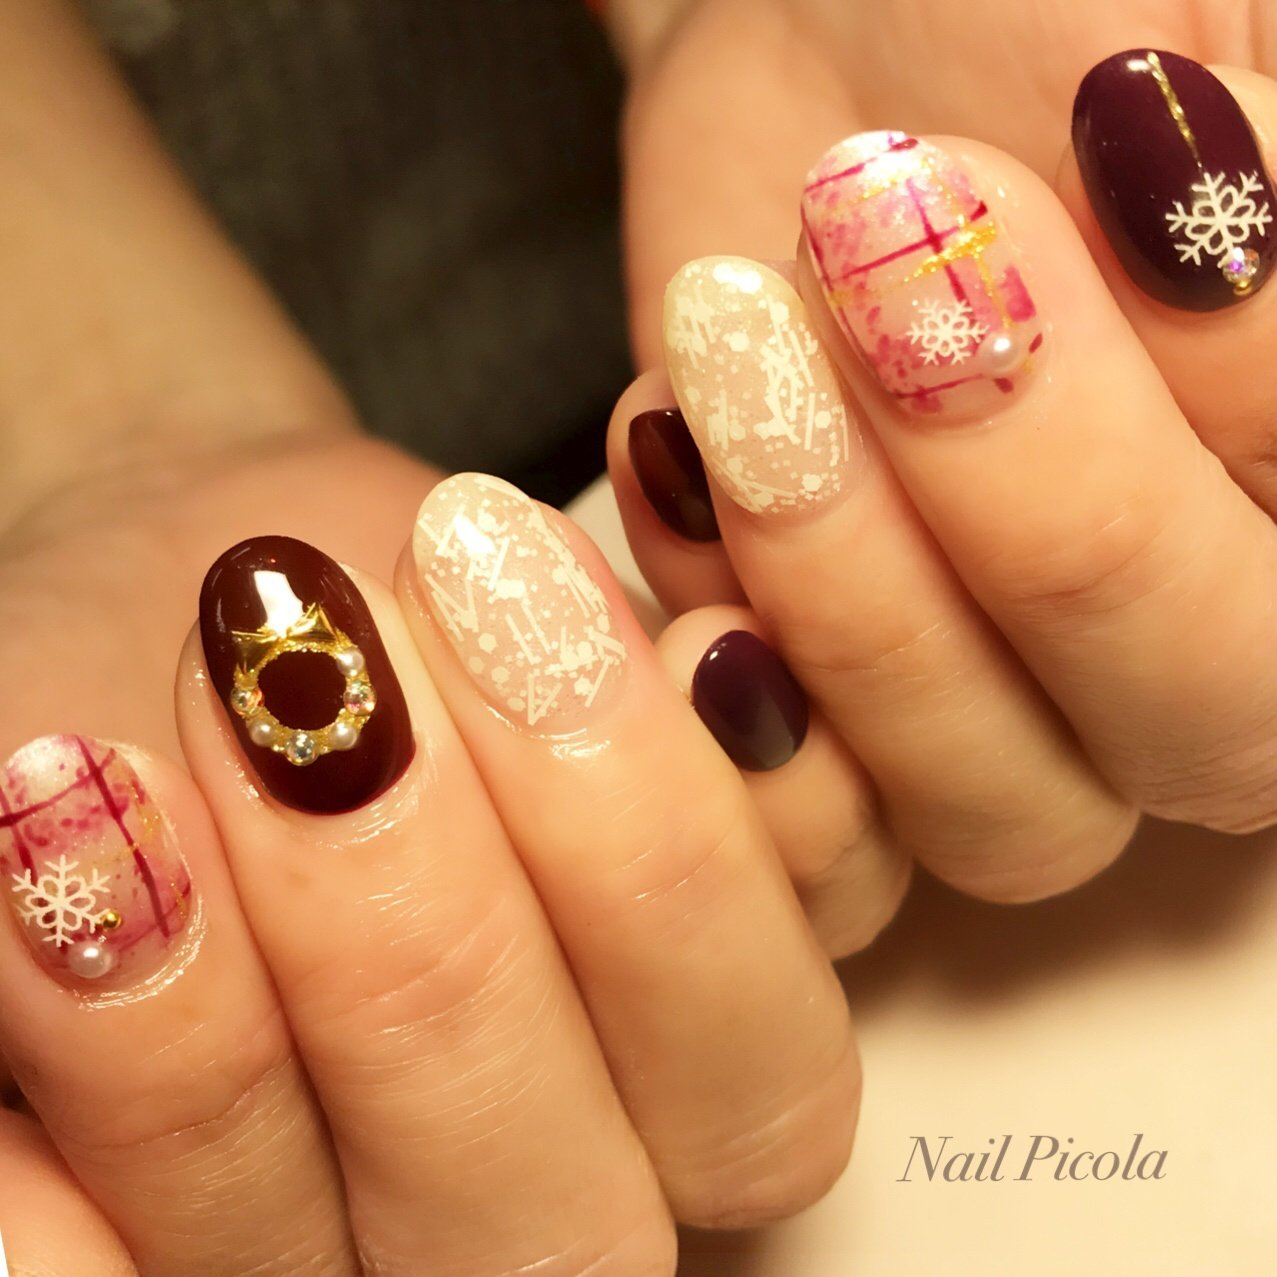 #冬 #クリスマス #ハンド #チェック #雪の結晶 #ミディアム #レッド #ジェル #Picola #ネイルブック